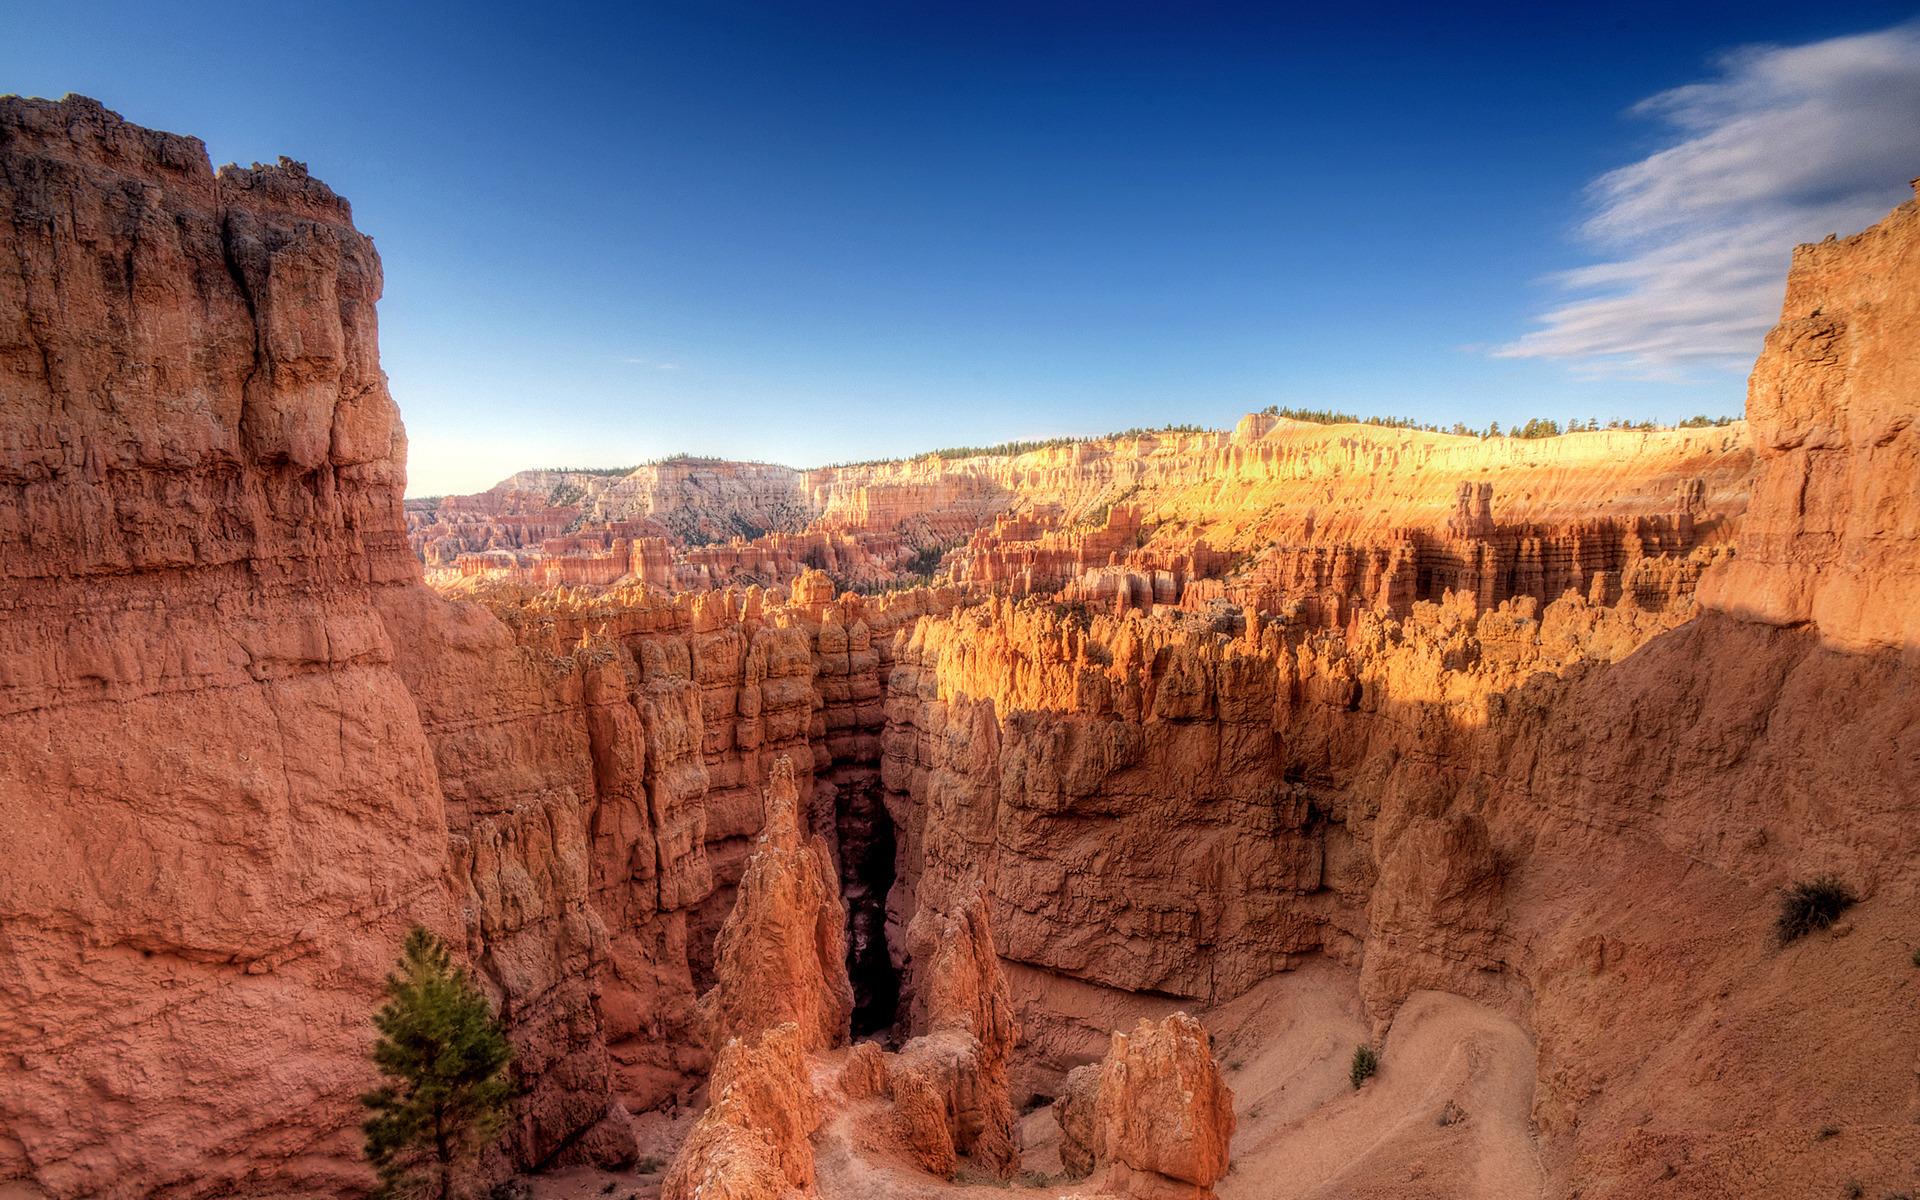 горы, каньон, песчанники